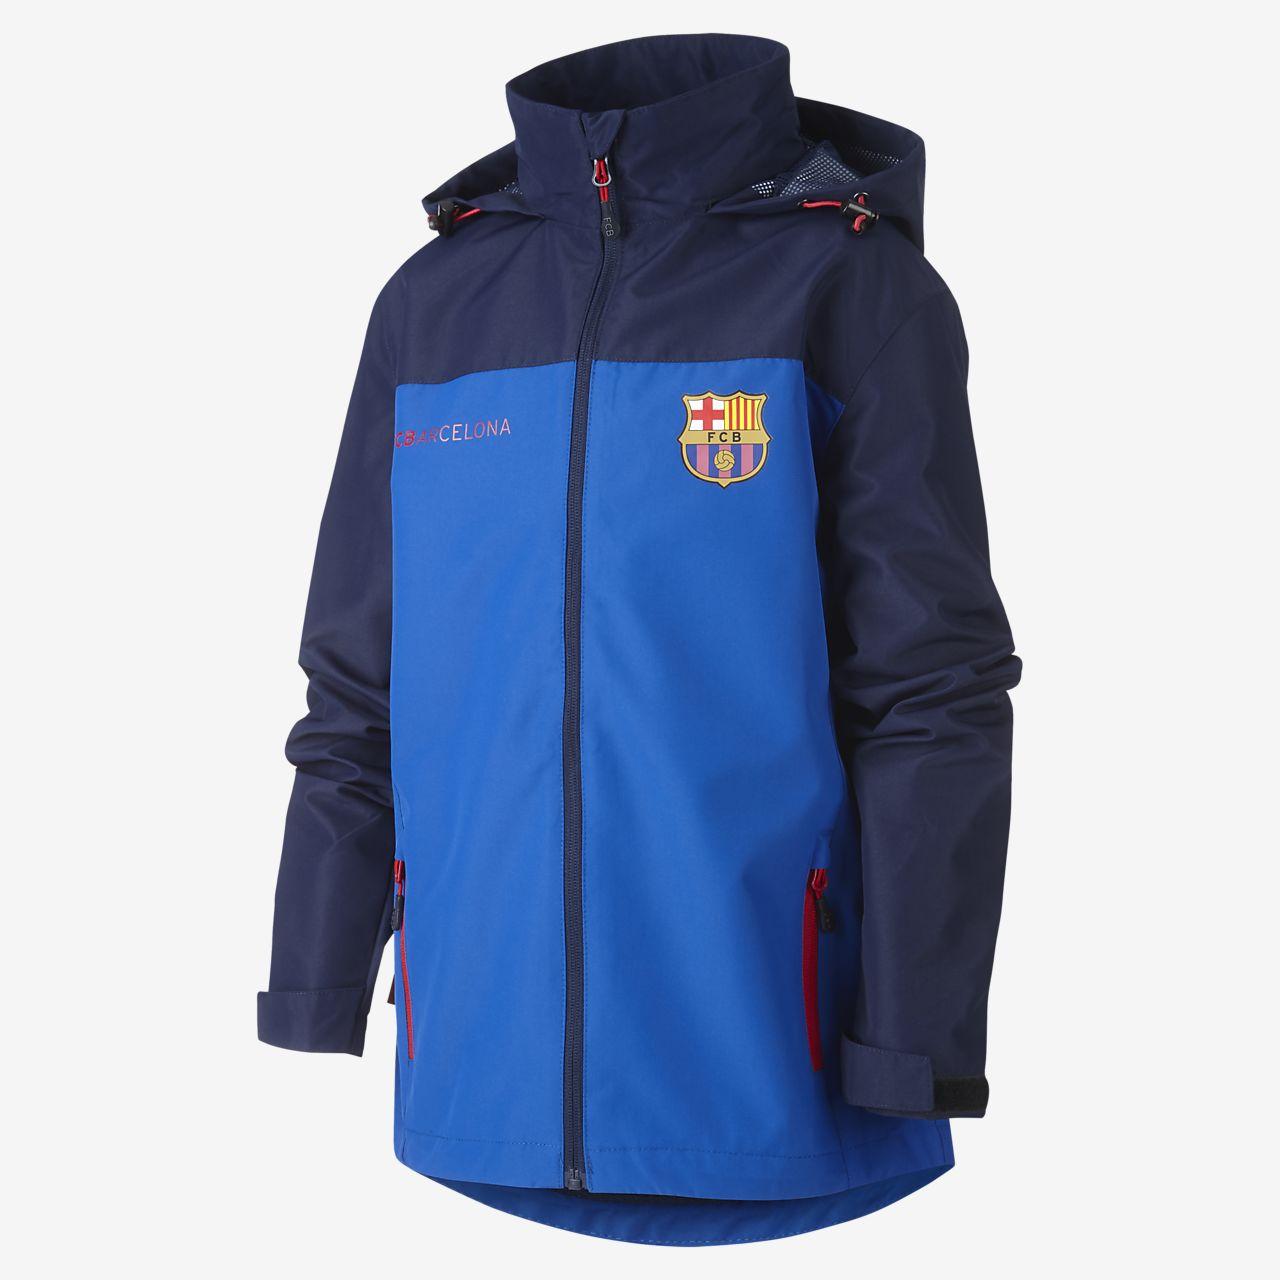 c8eec16e63ed9 FC Barcelona Active Chaqueta - Niño a. Nike.com ES